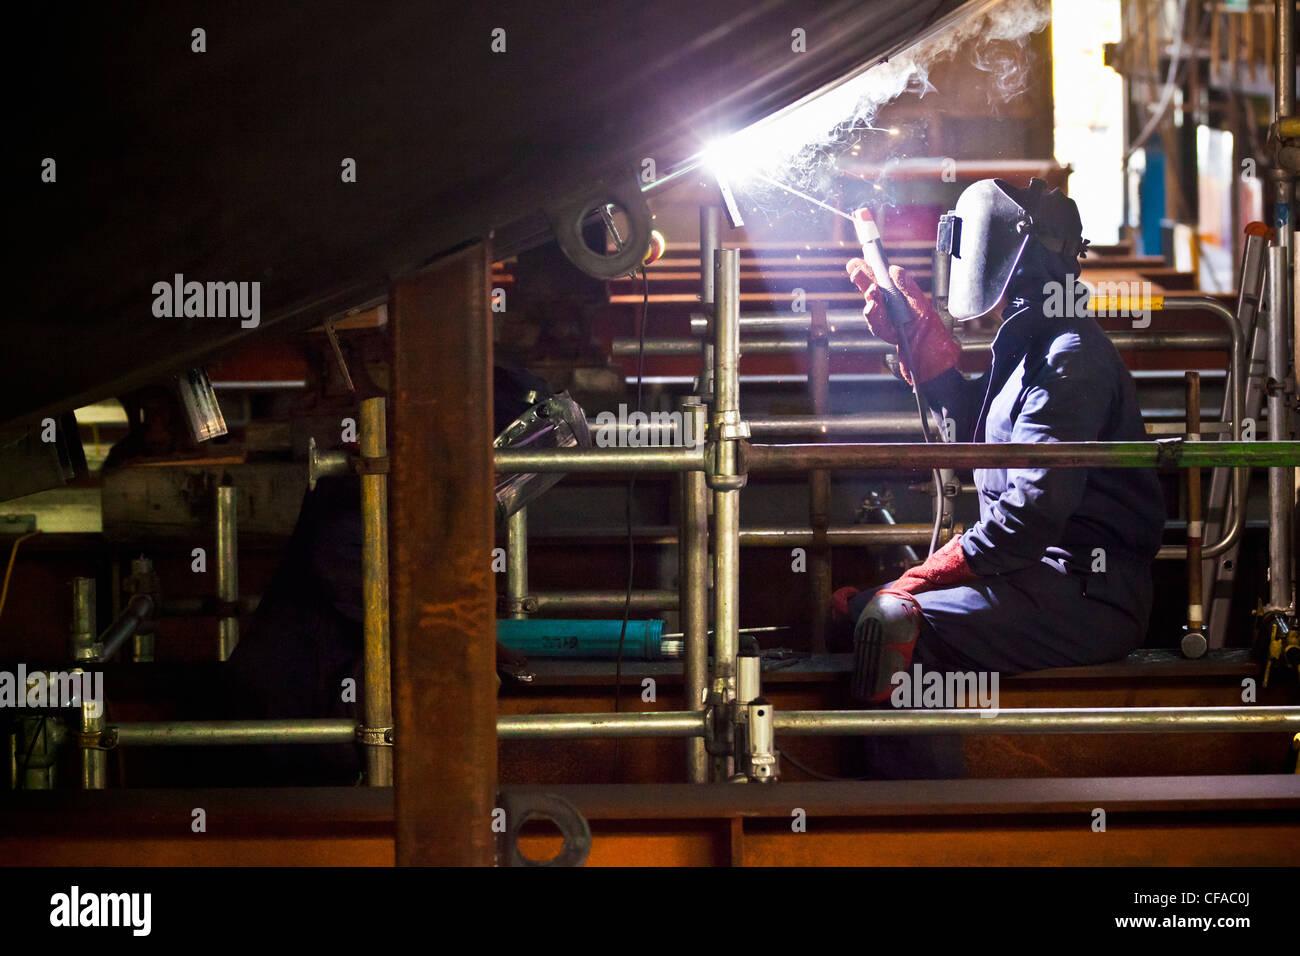 Schweißer bei der Arbeit in der Werft Stockbild